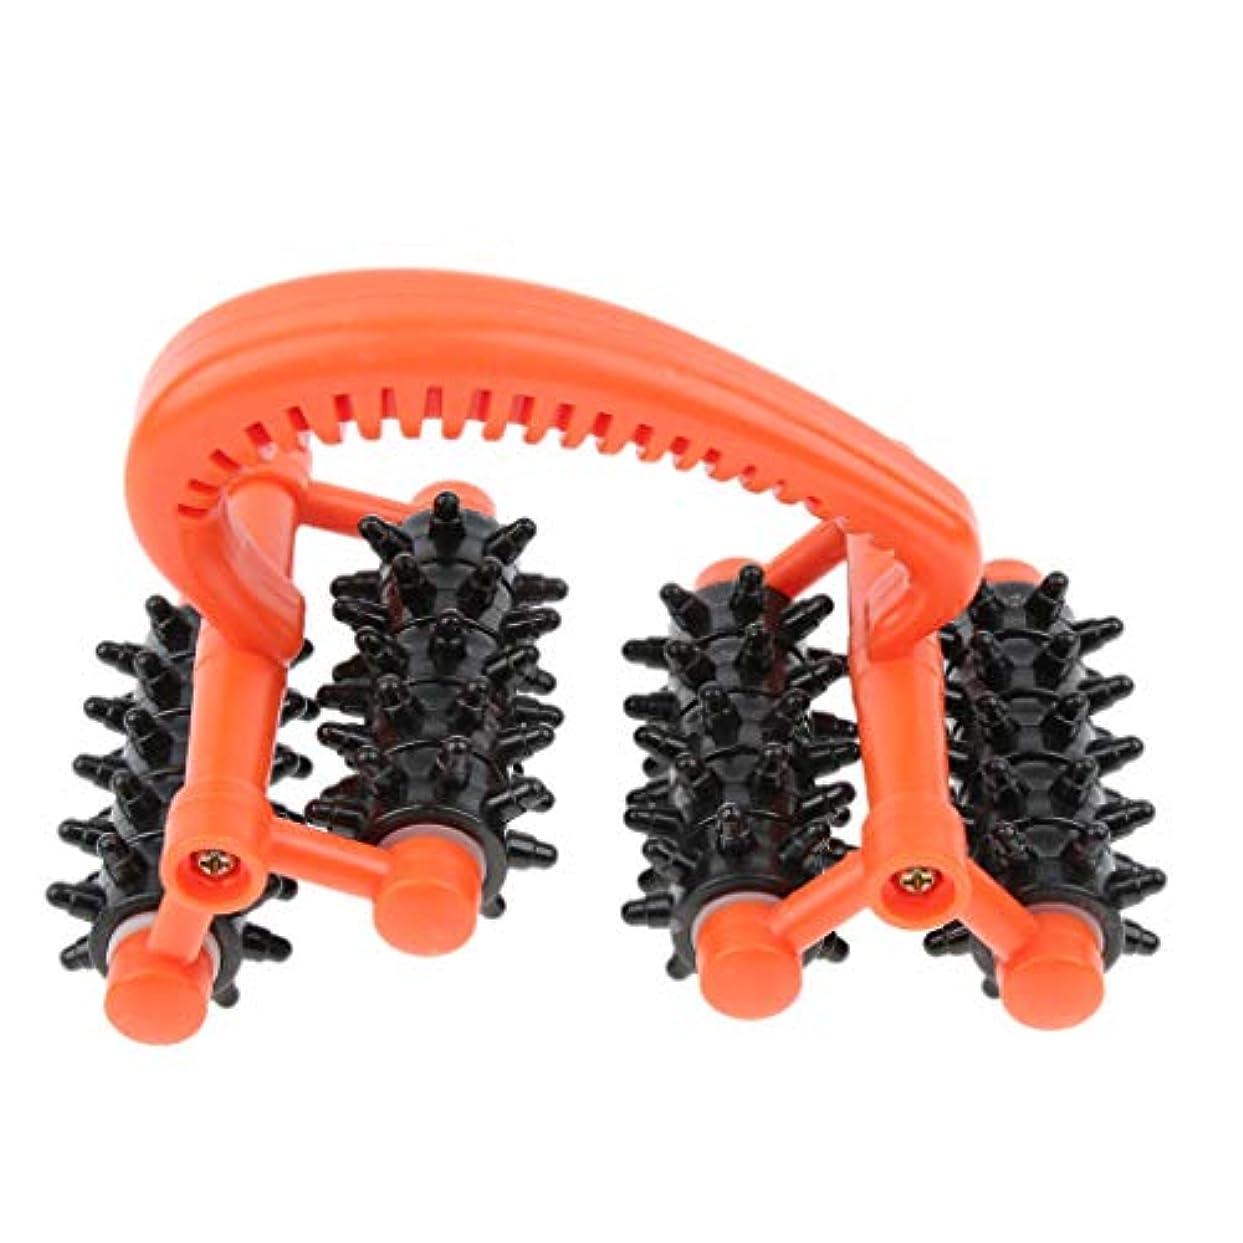 異議邪魔バッジマッサージローラー ハンドル 筋肉 痛み 痛み 即座に軽減 プラスチック 効果的 汎用